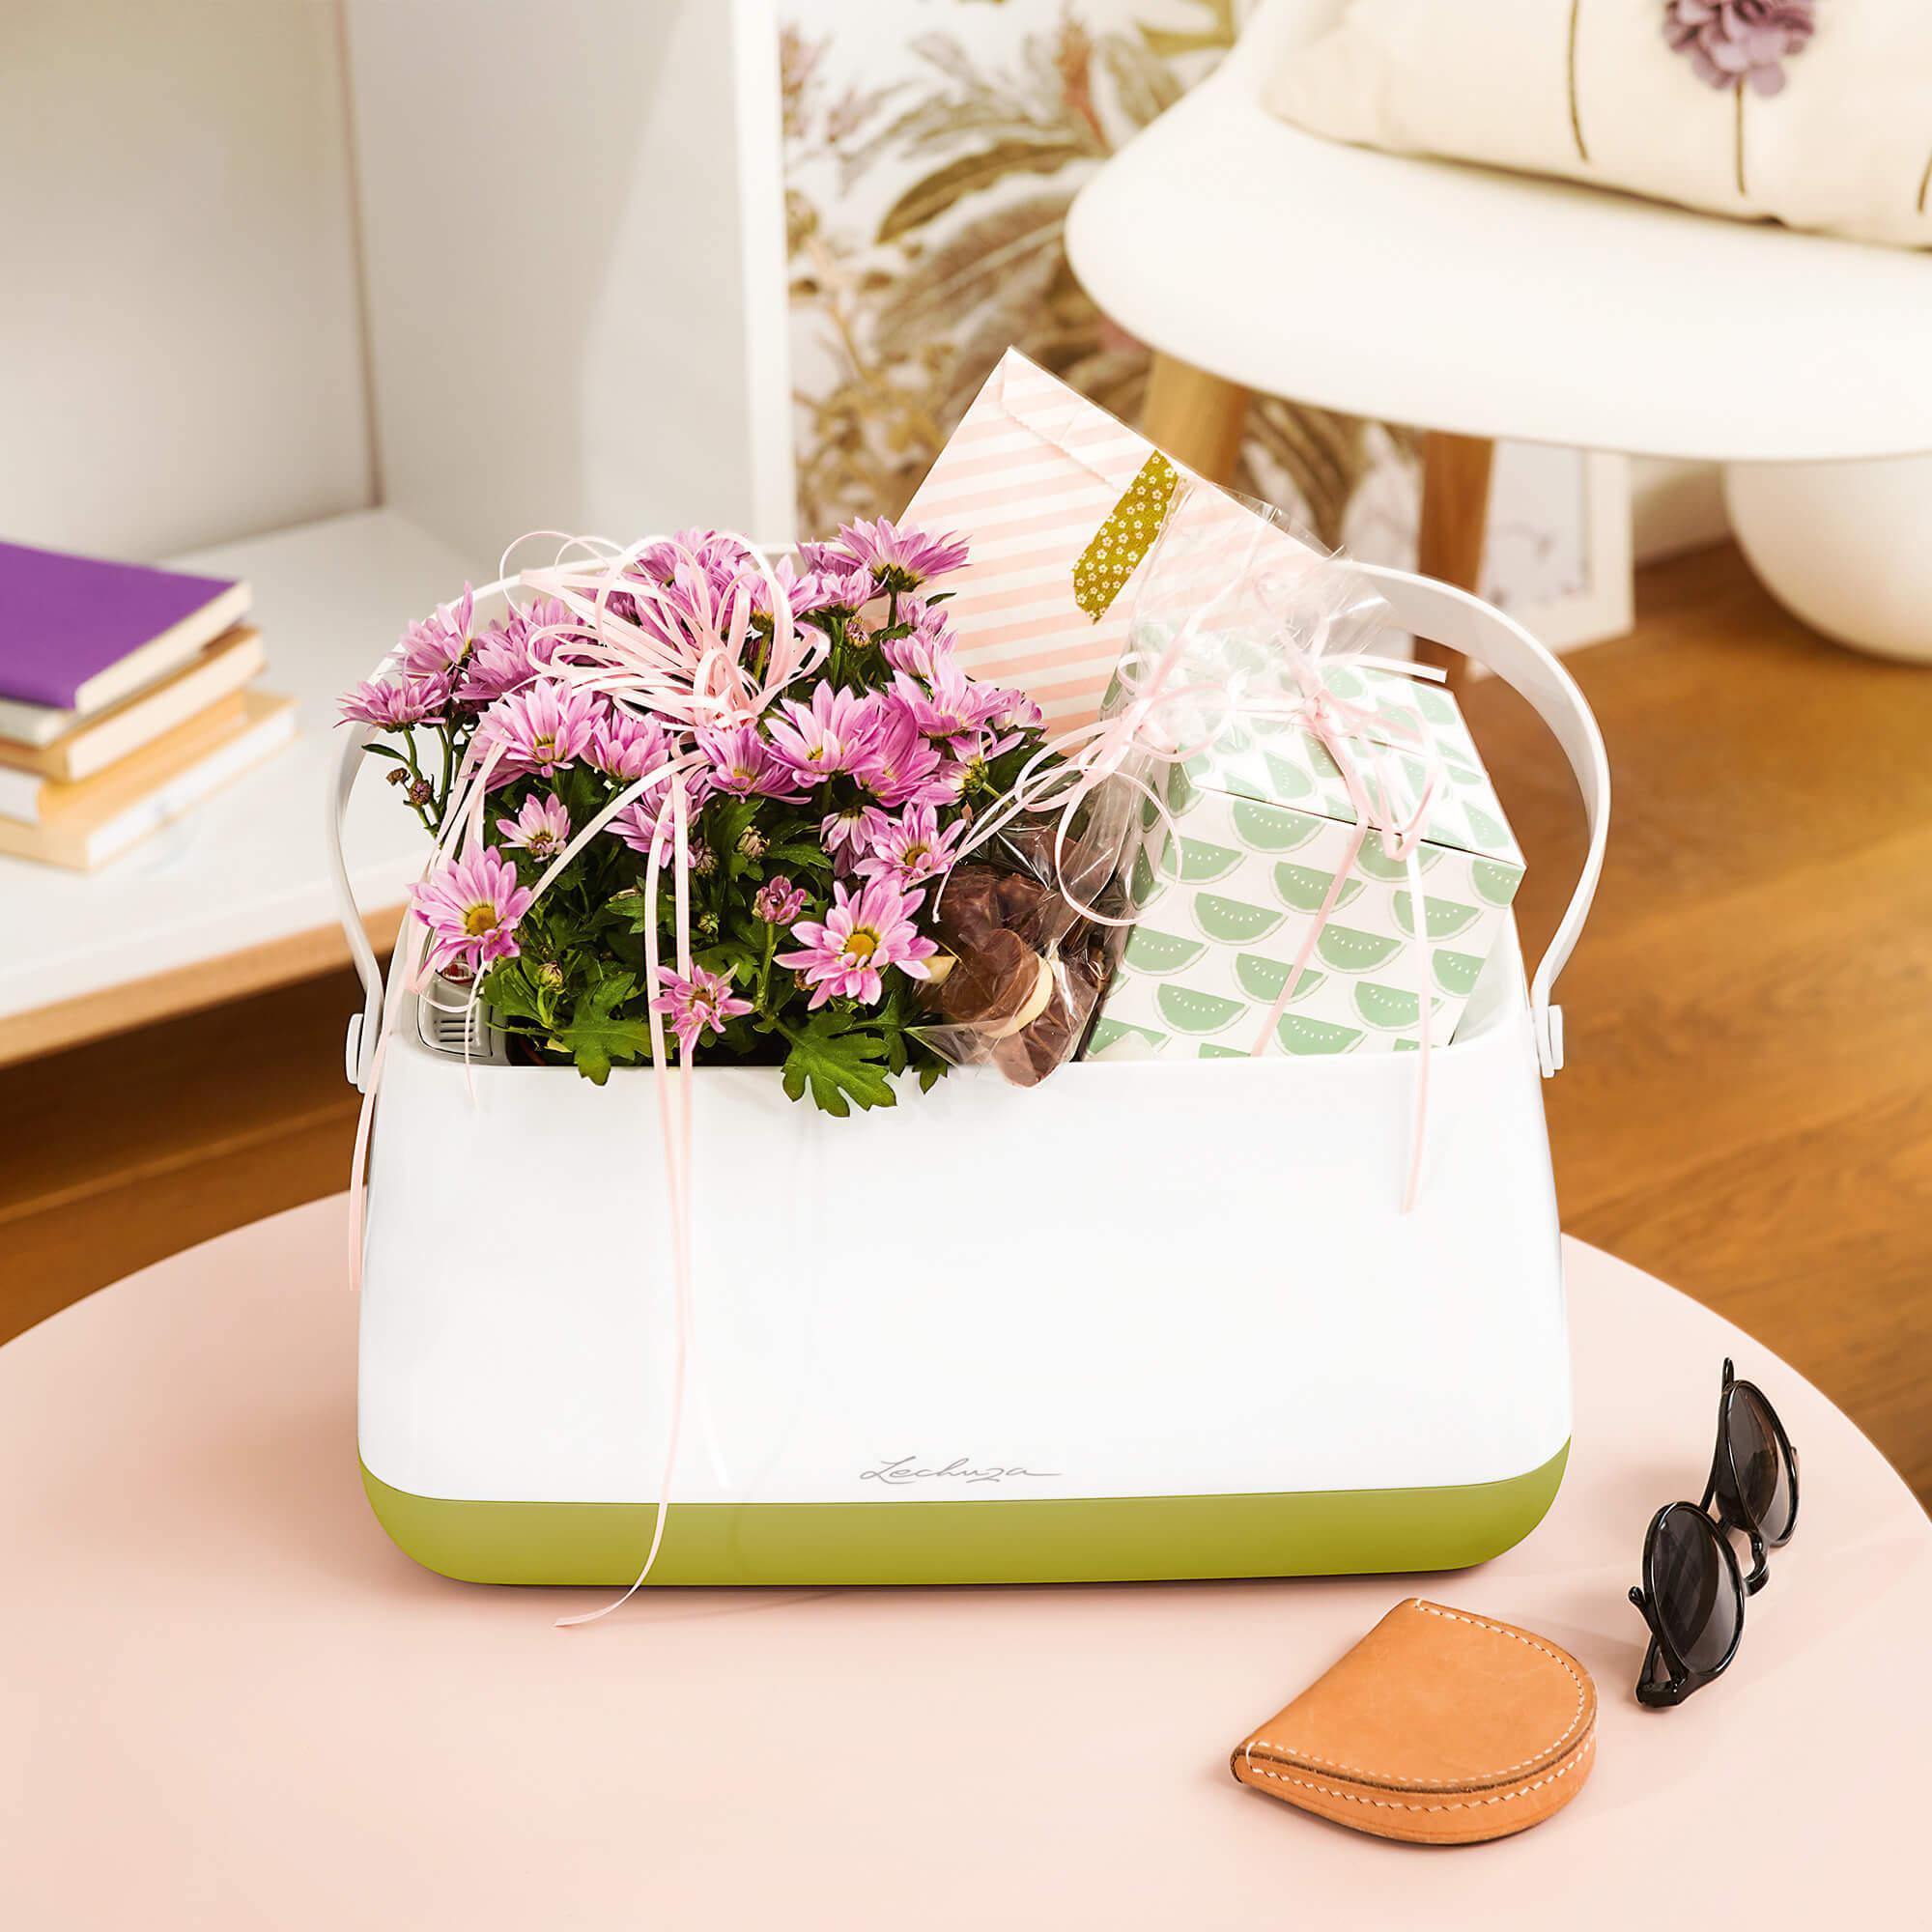 Корзинка для растений YULA белый/серый - изображение 6